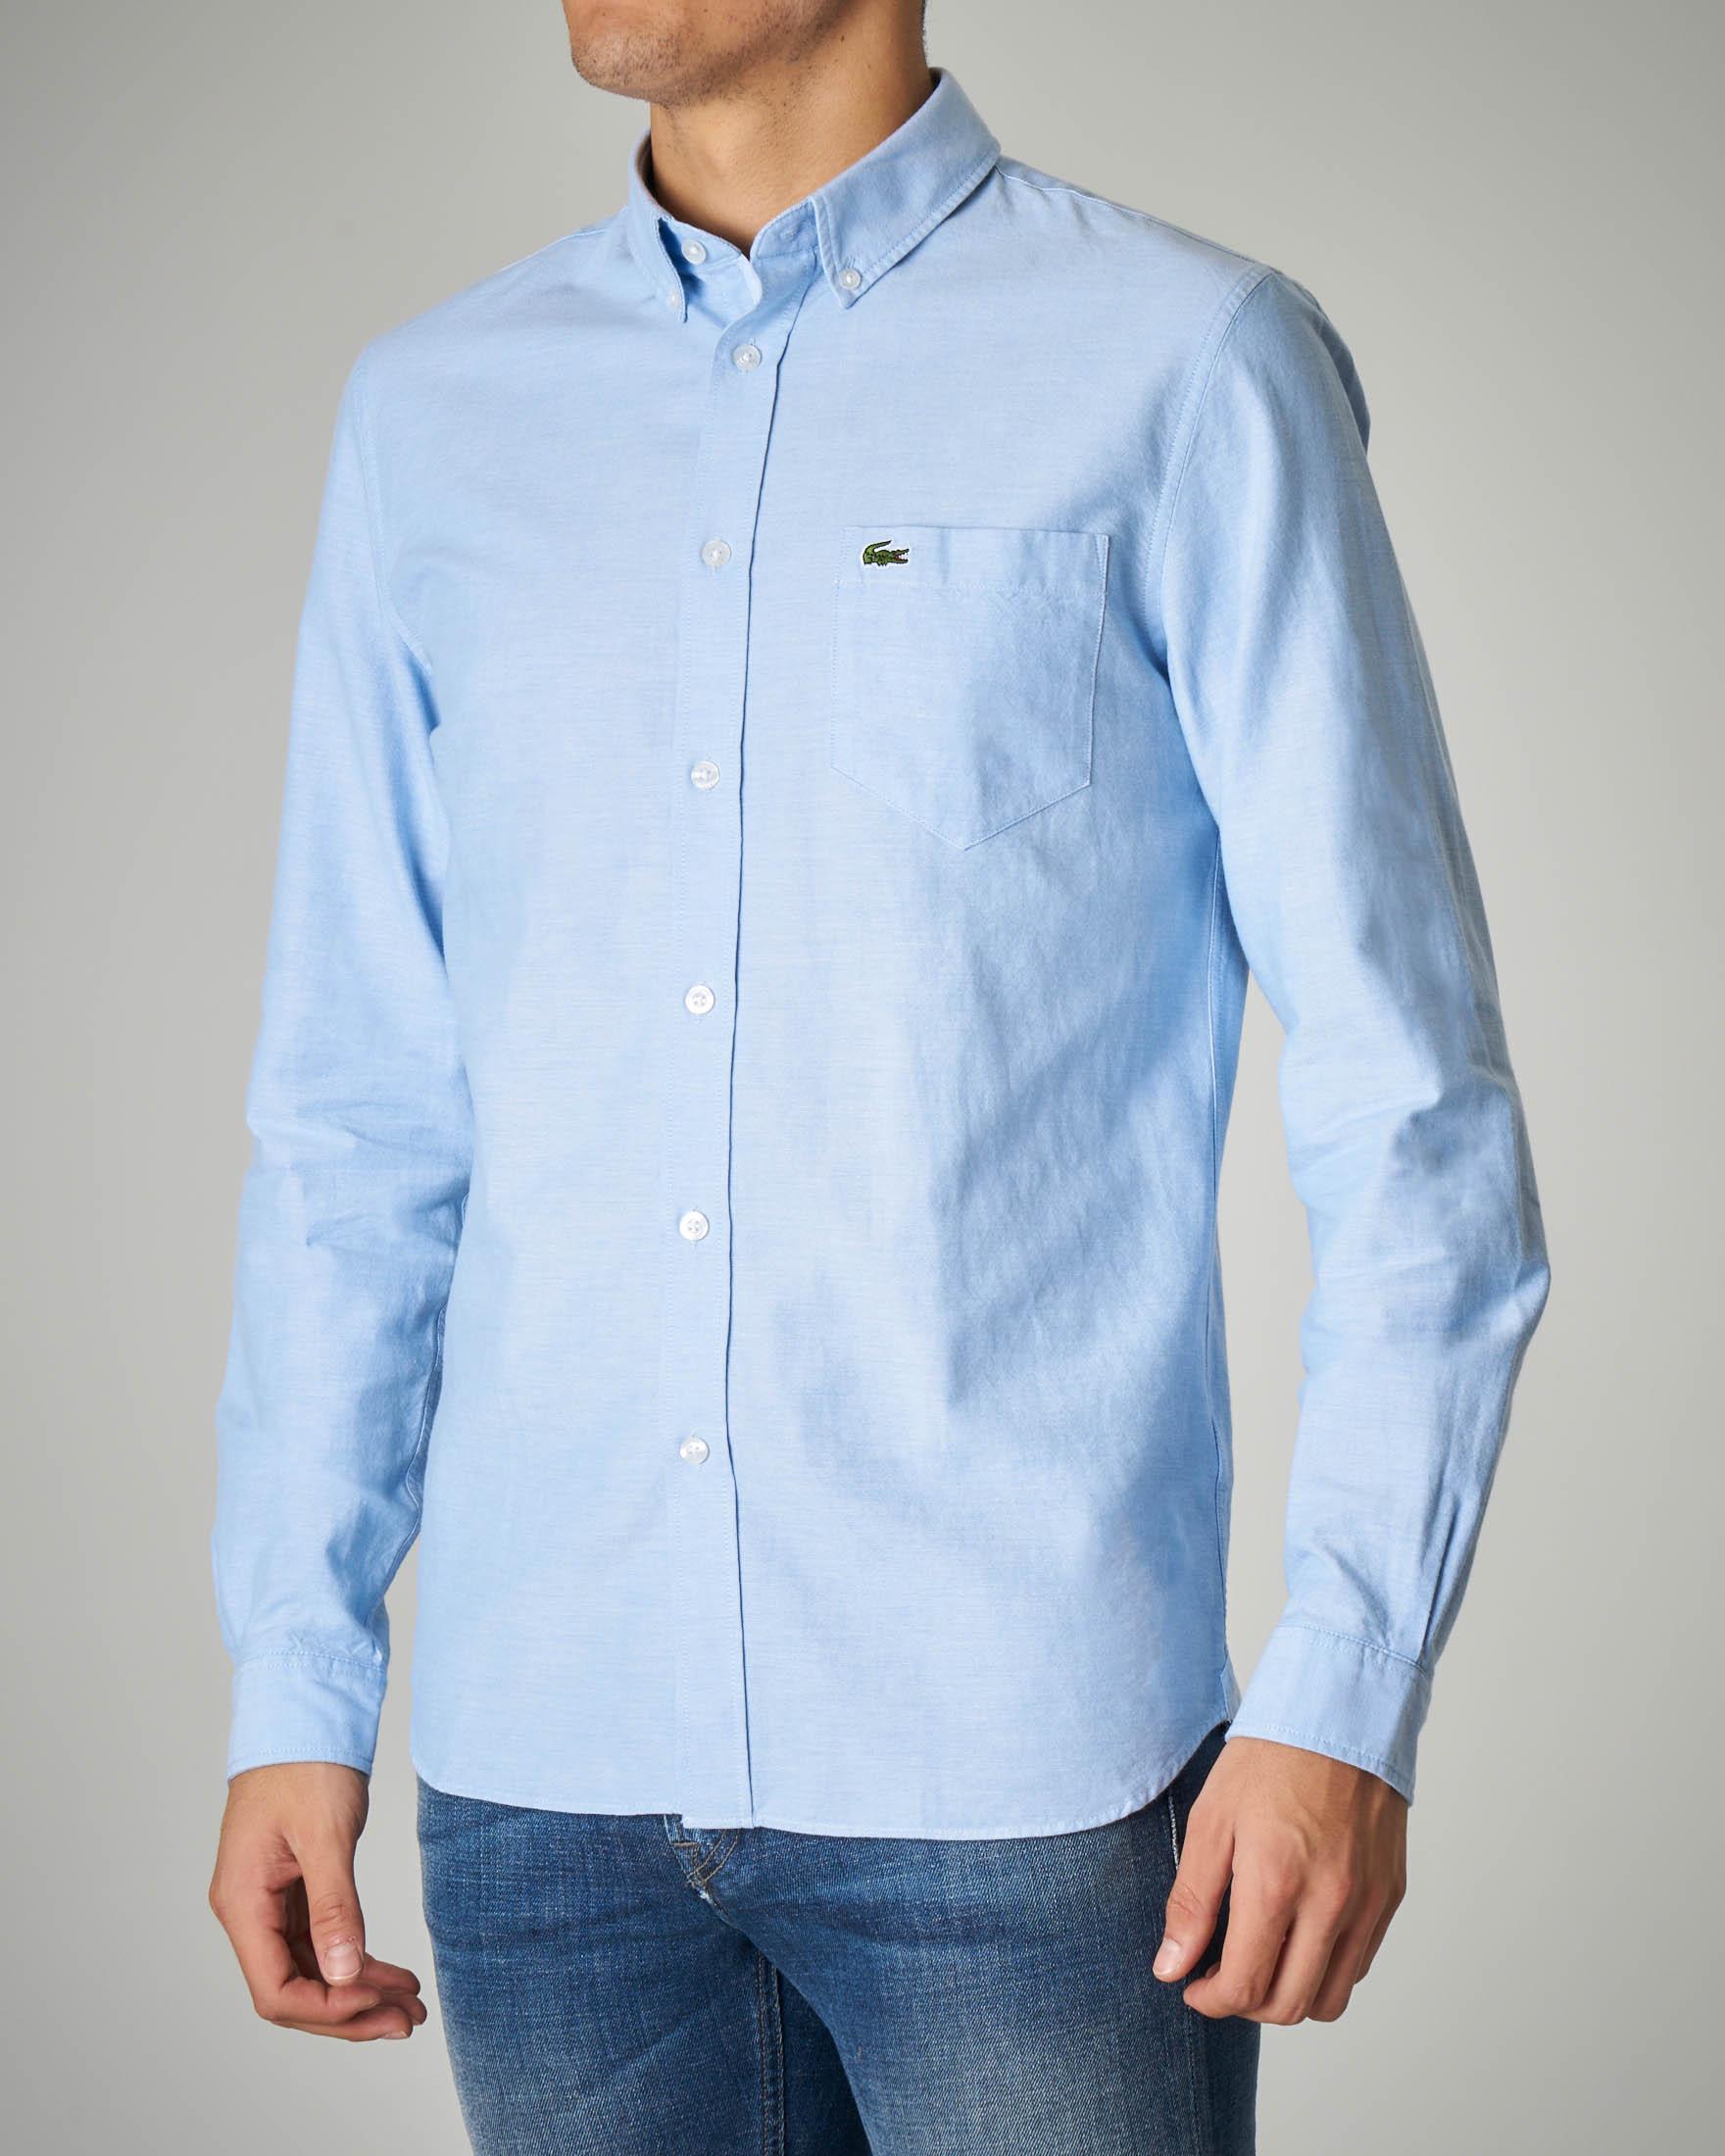 Camicia azzurra in Oxford button down con taschino